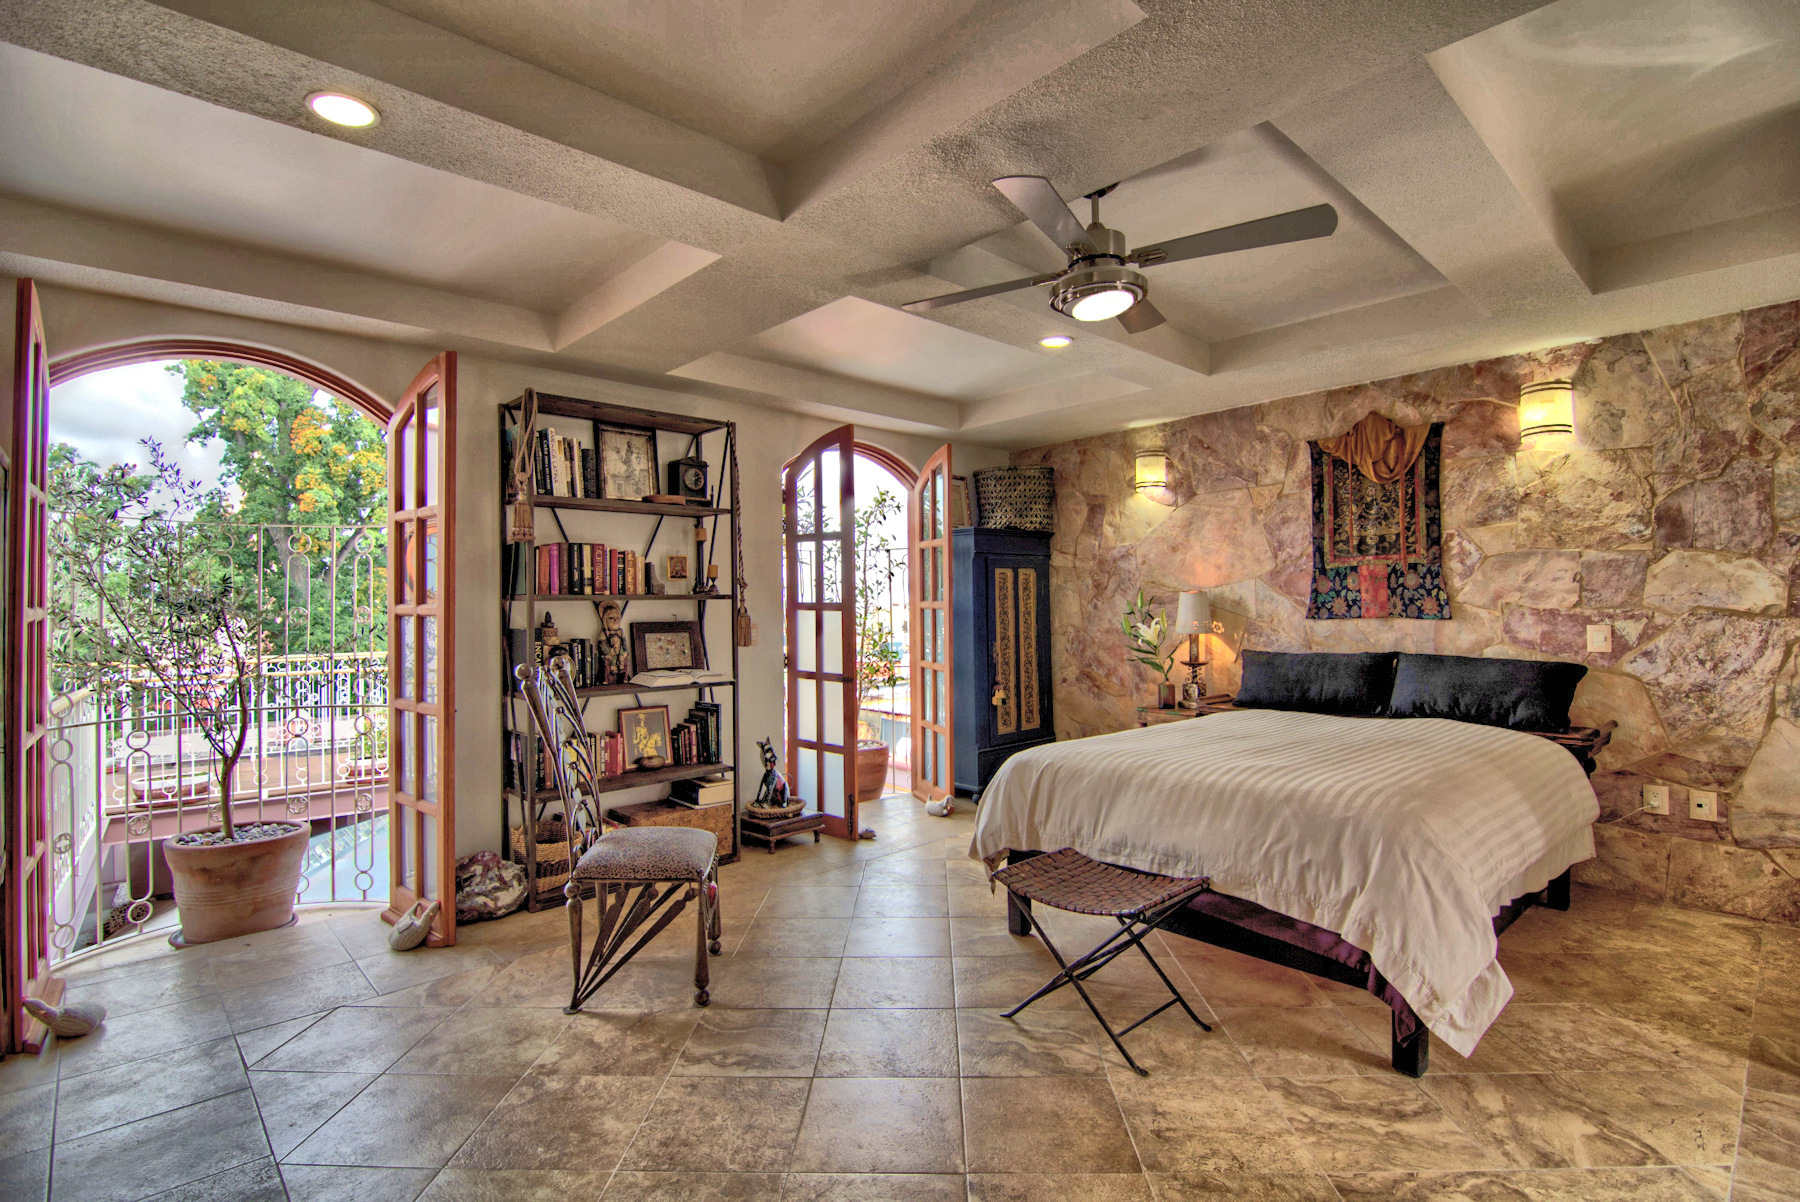 Appartement en copropriété pour l Vente à Casita Brenda Recreo 8 Int 5 San Miguel De Allende, Guanajuato, 37700 Mexique